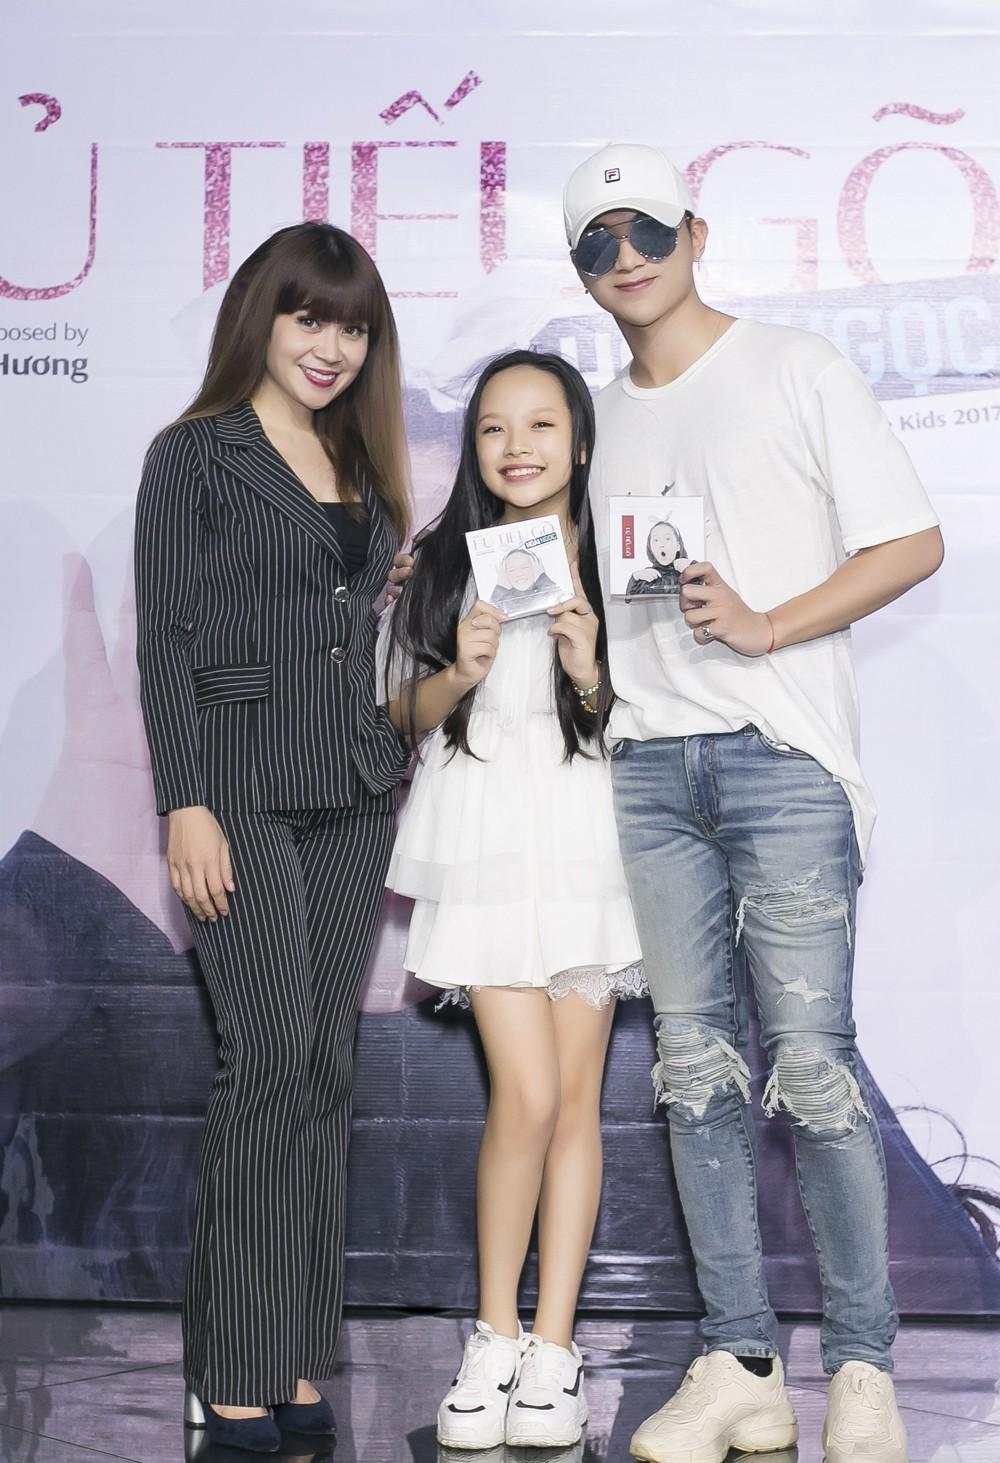 Con gái nuôi Soobin Hoàng Sơn xinh xắn tạo dáng bên bố và Lưu Thiên Hương - Ảnh 4.